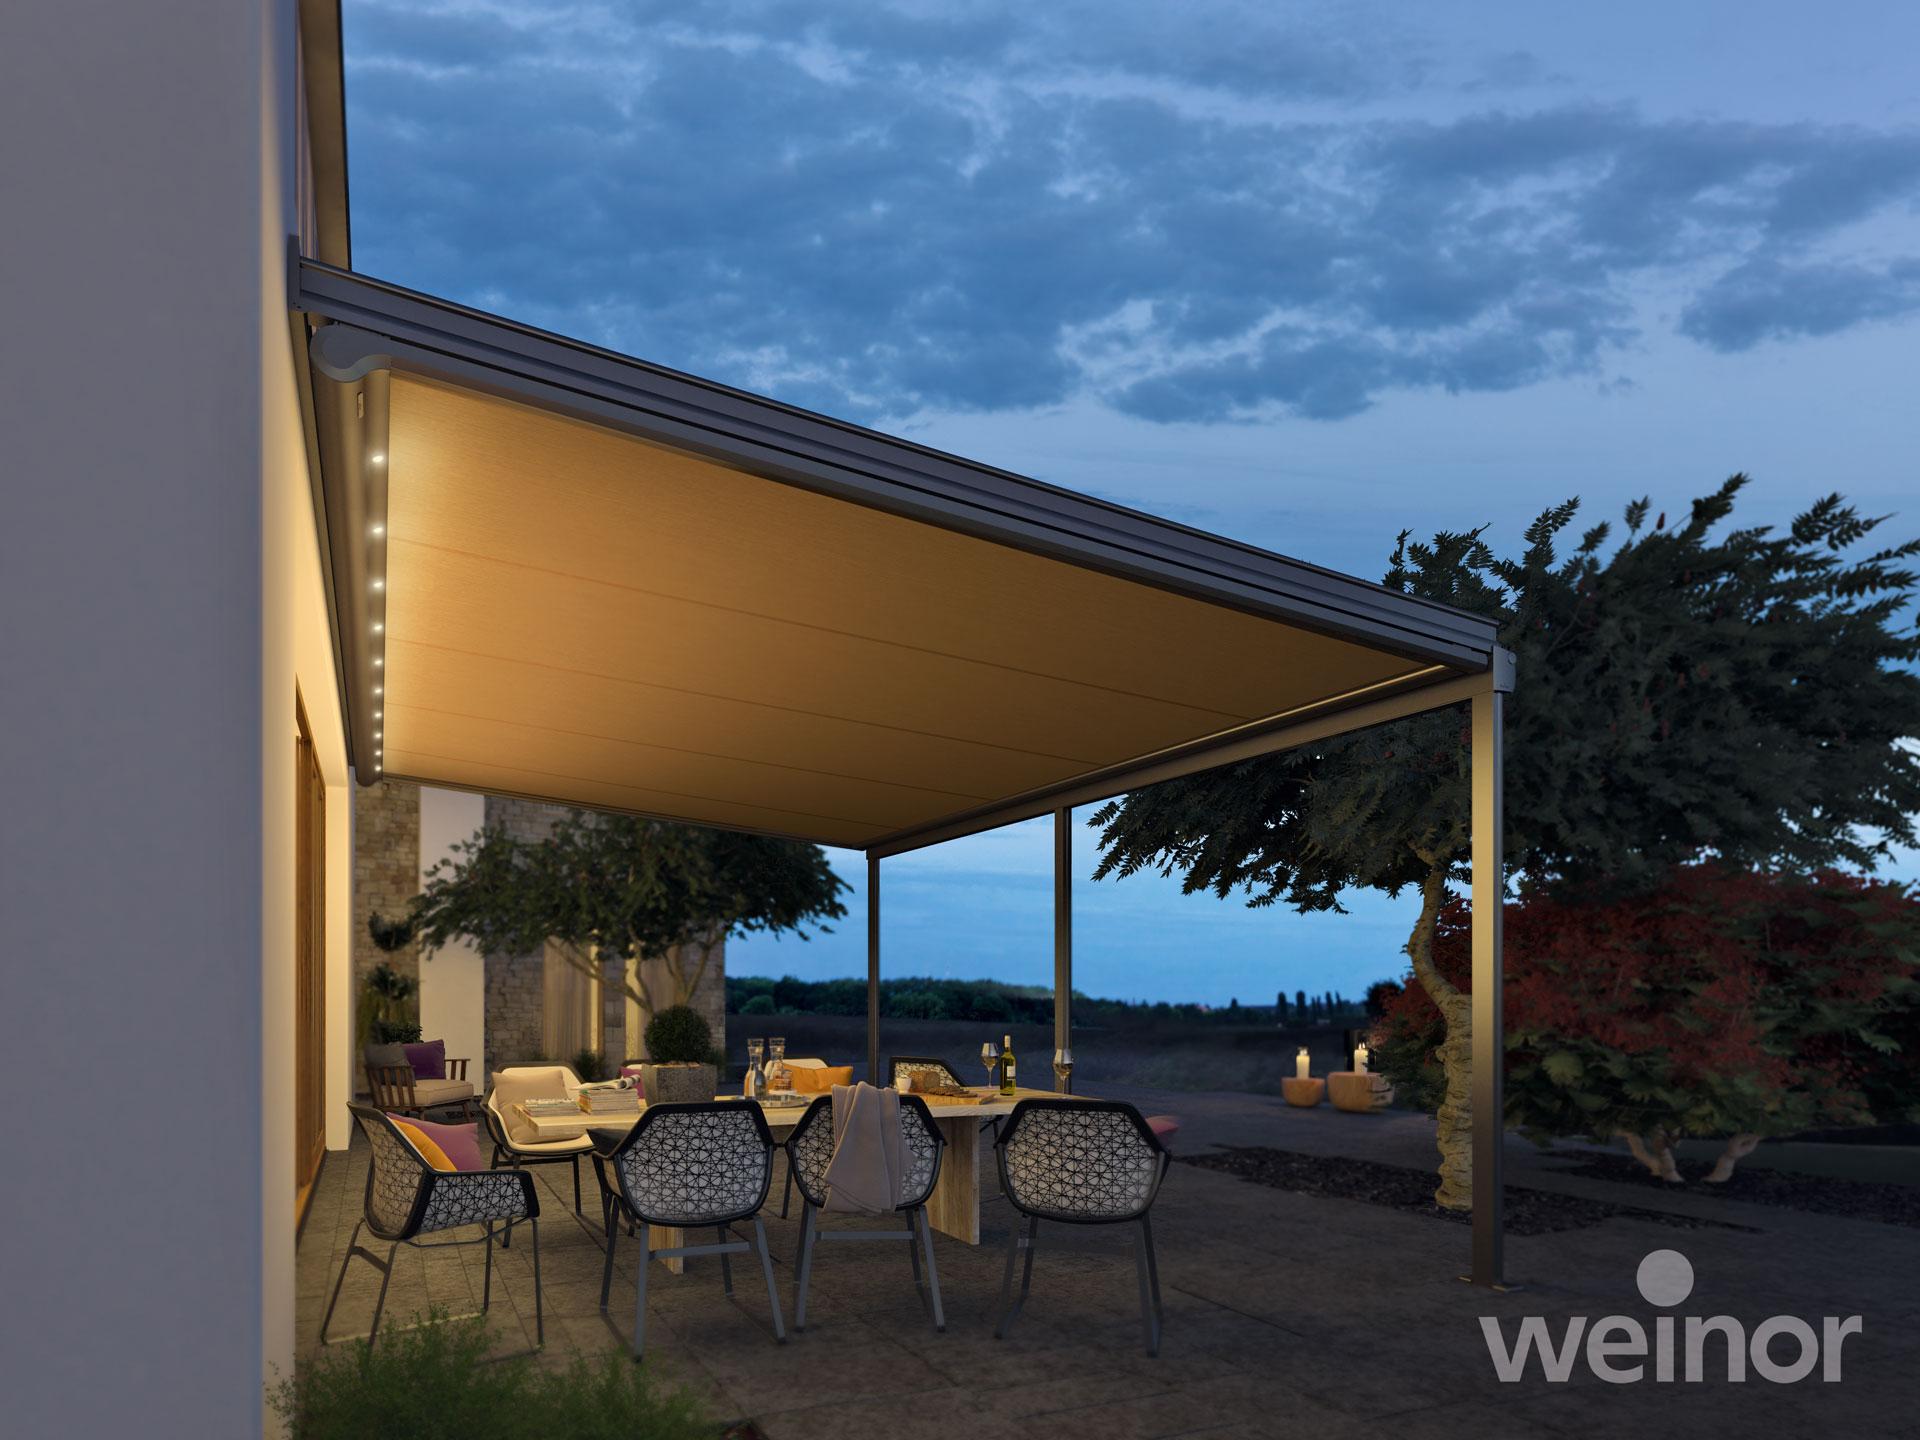 Unterglasmarkise Weinor Sottezza II - EcoWintergärten